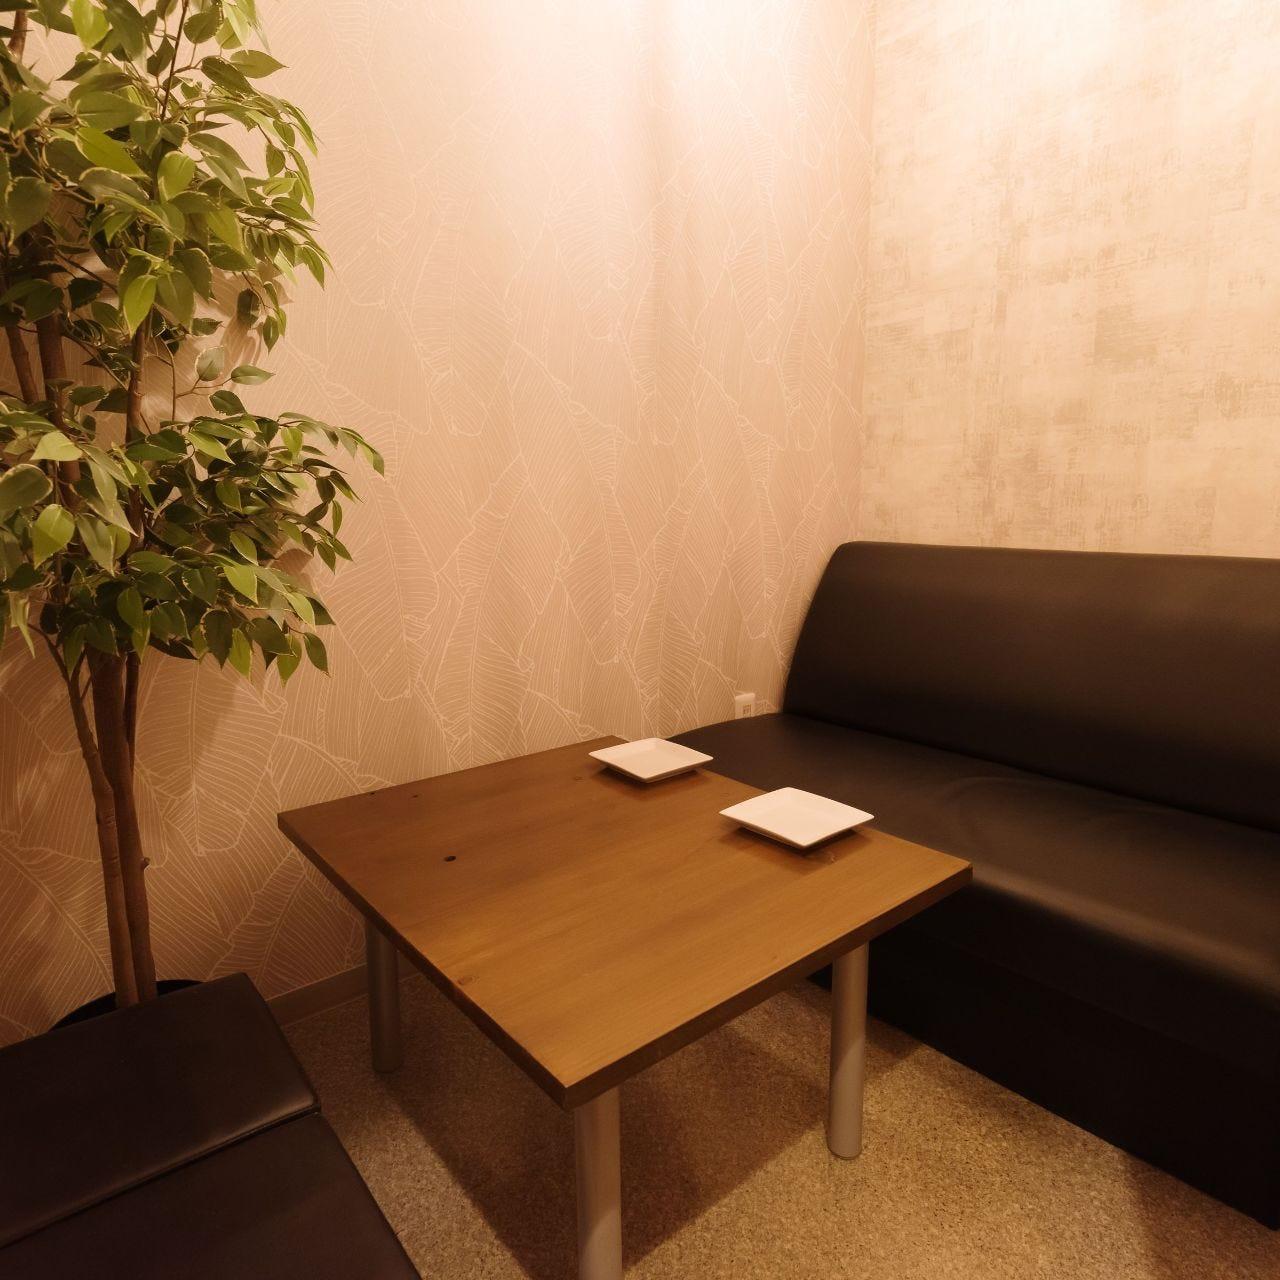 プライベートシーンで活躍する個室。人数に合わせてお席をご用意